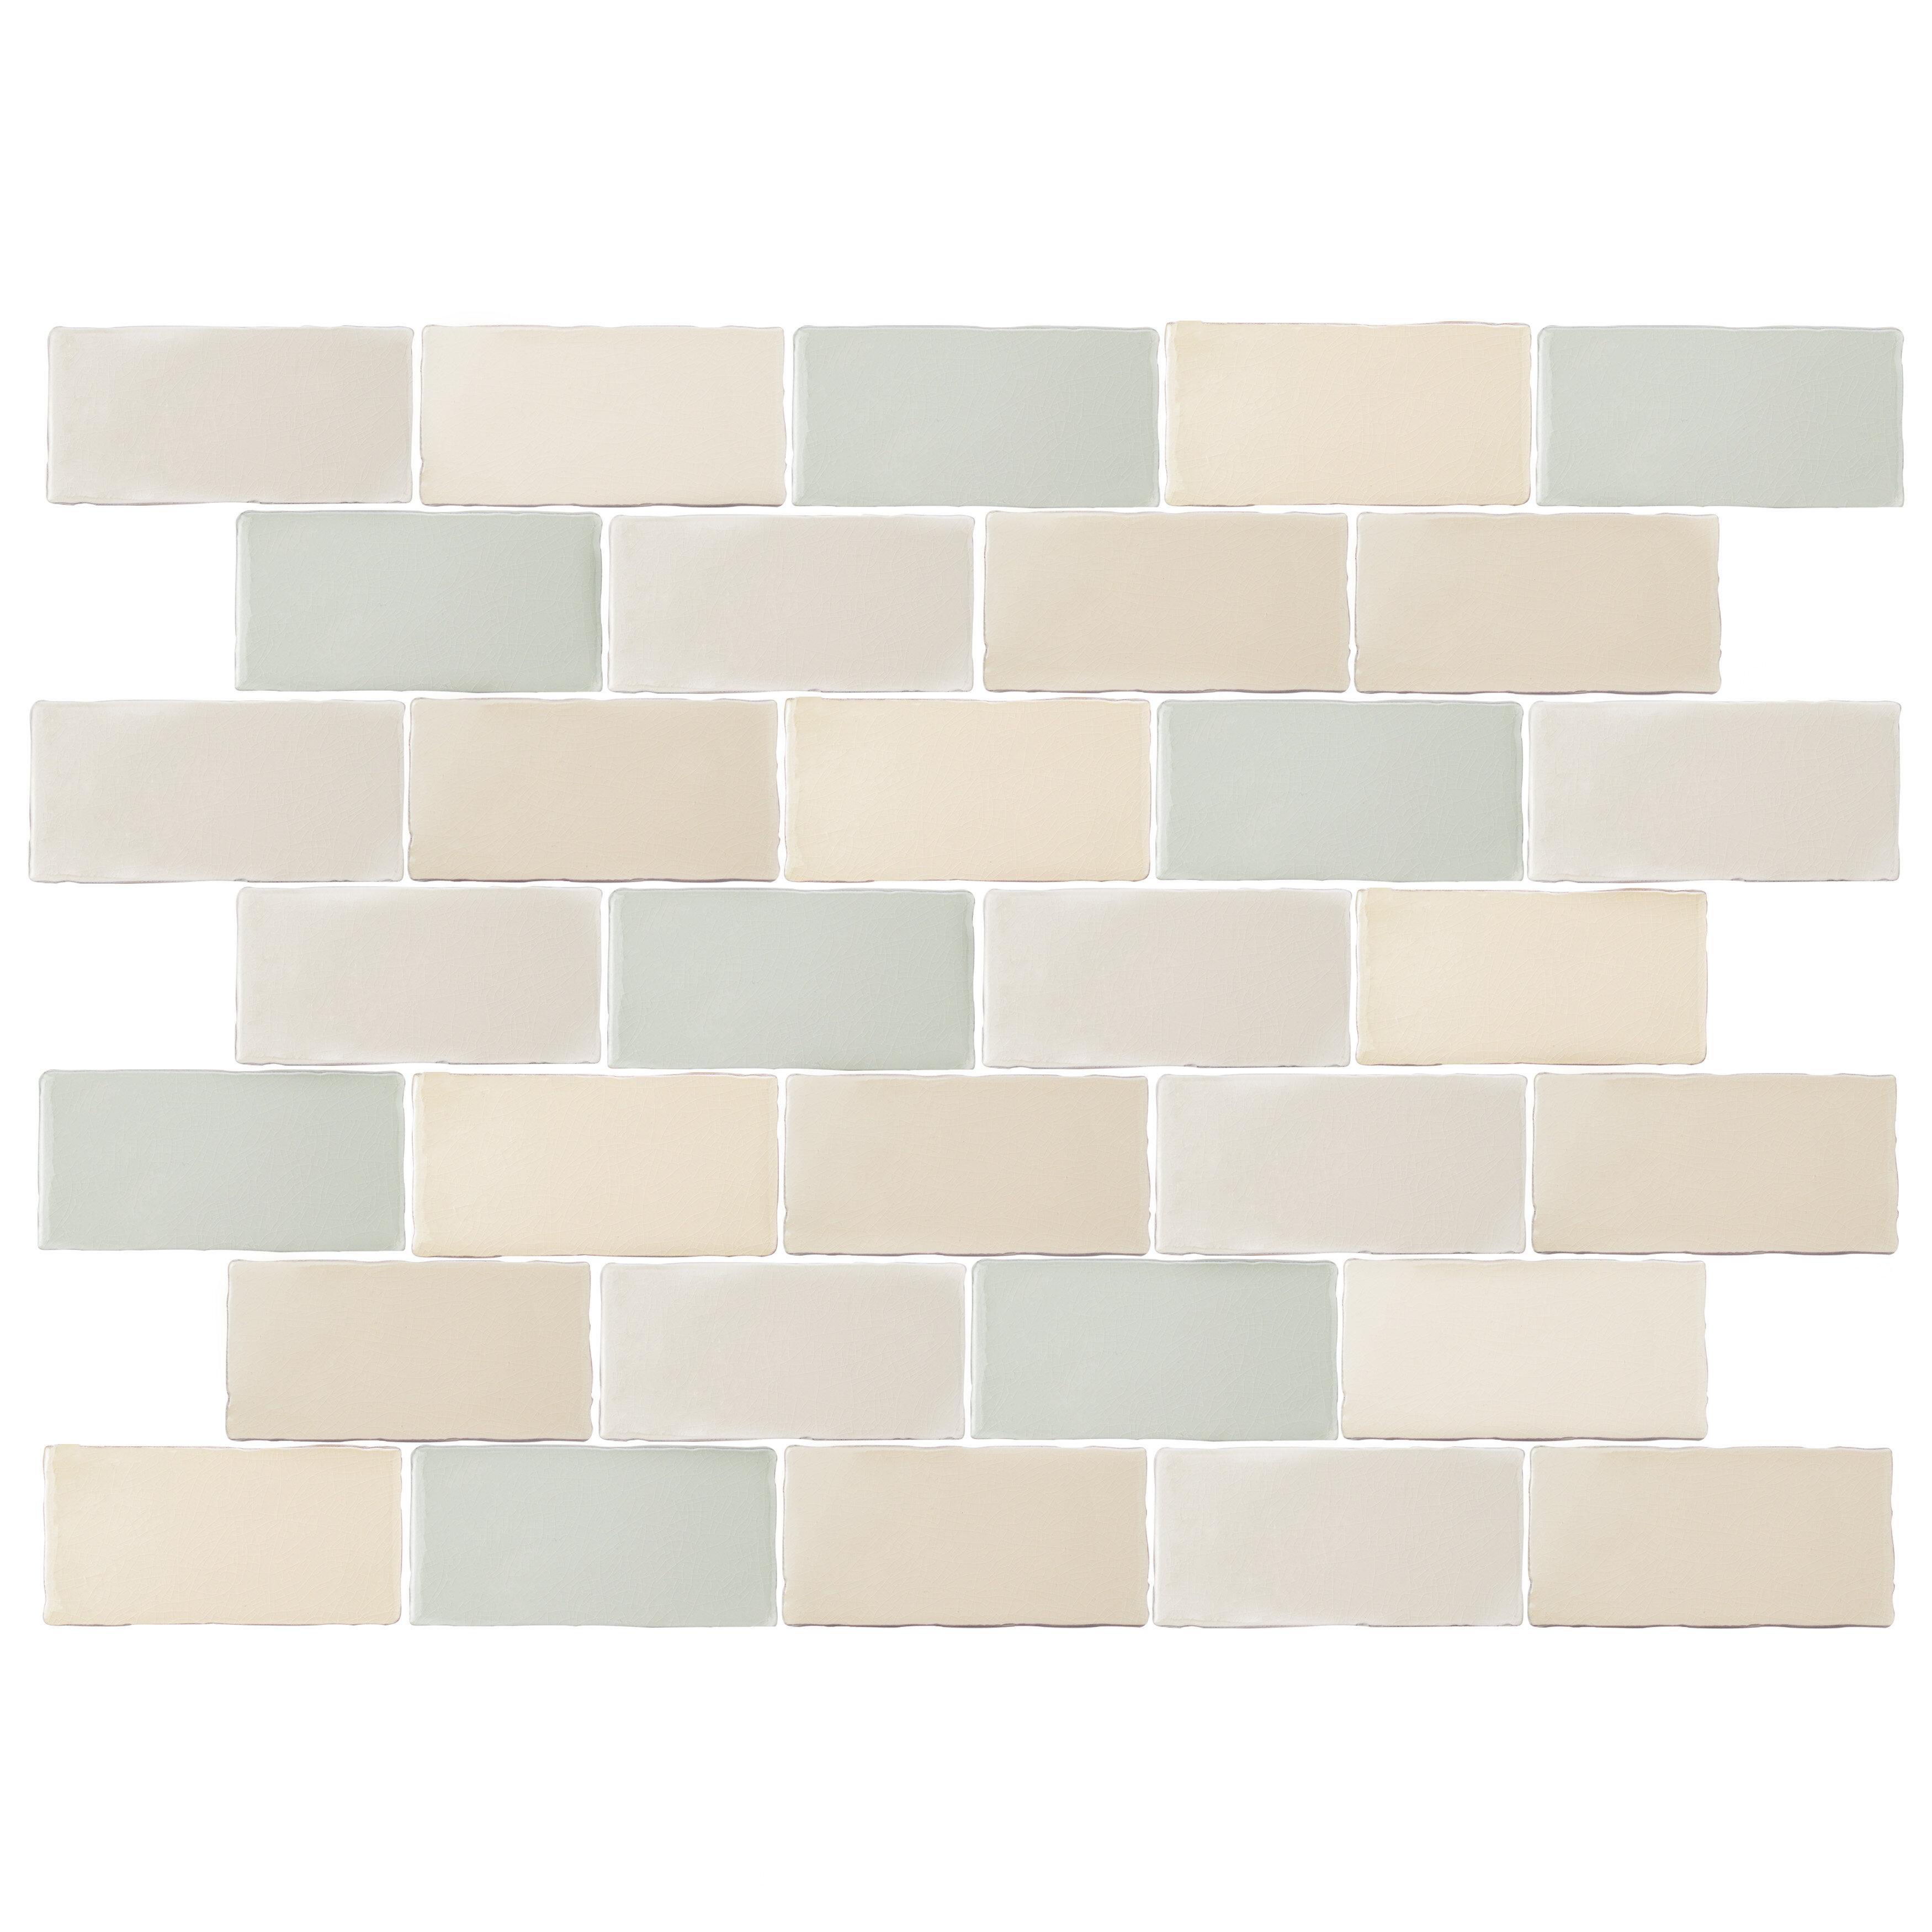 Elitetile Antiqua 3 X 6 Ceramic Subway Tile In Bluecream